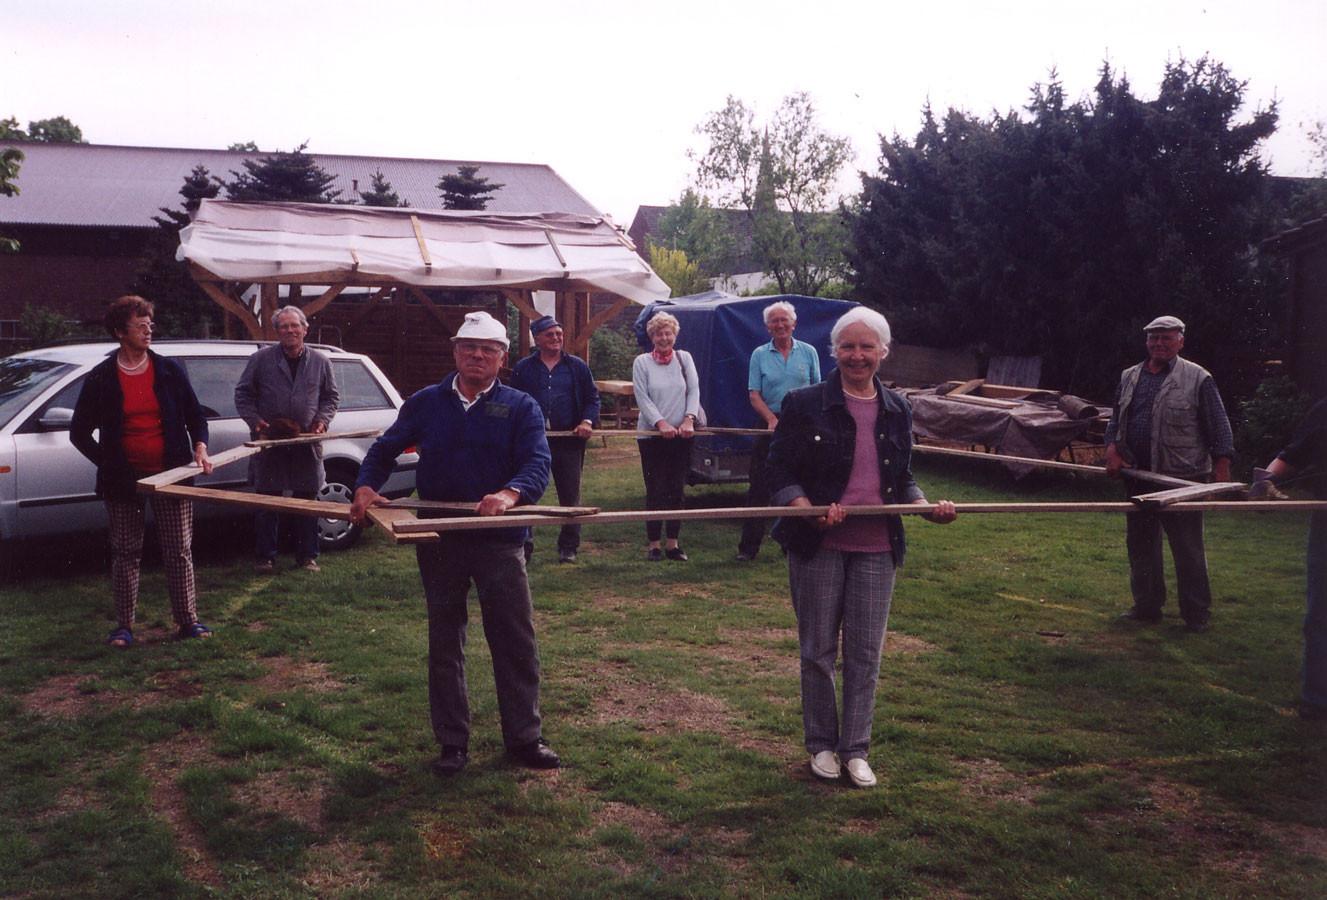 Das ist der Grundriss der Hütte. Jetzt zum Kanal.